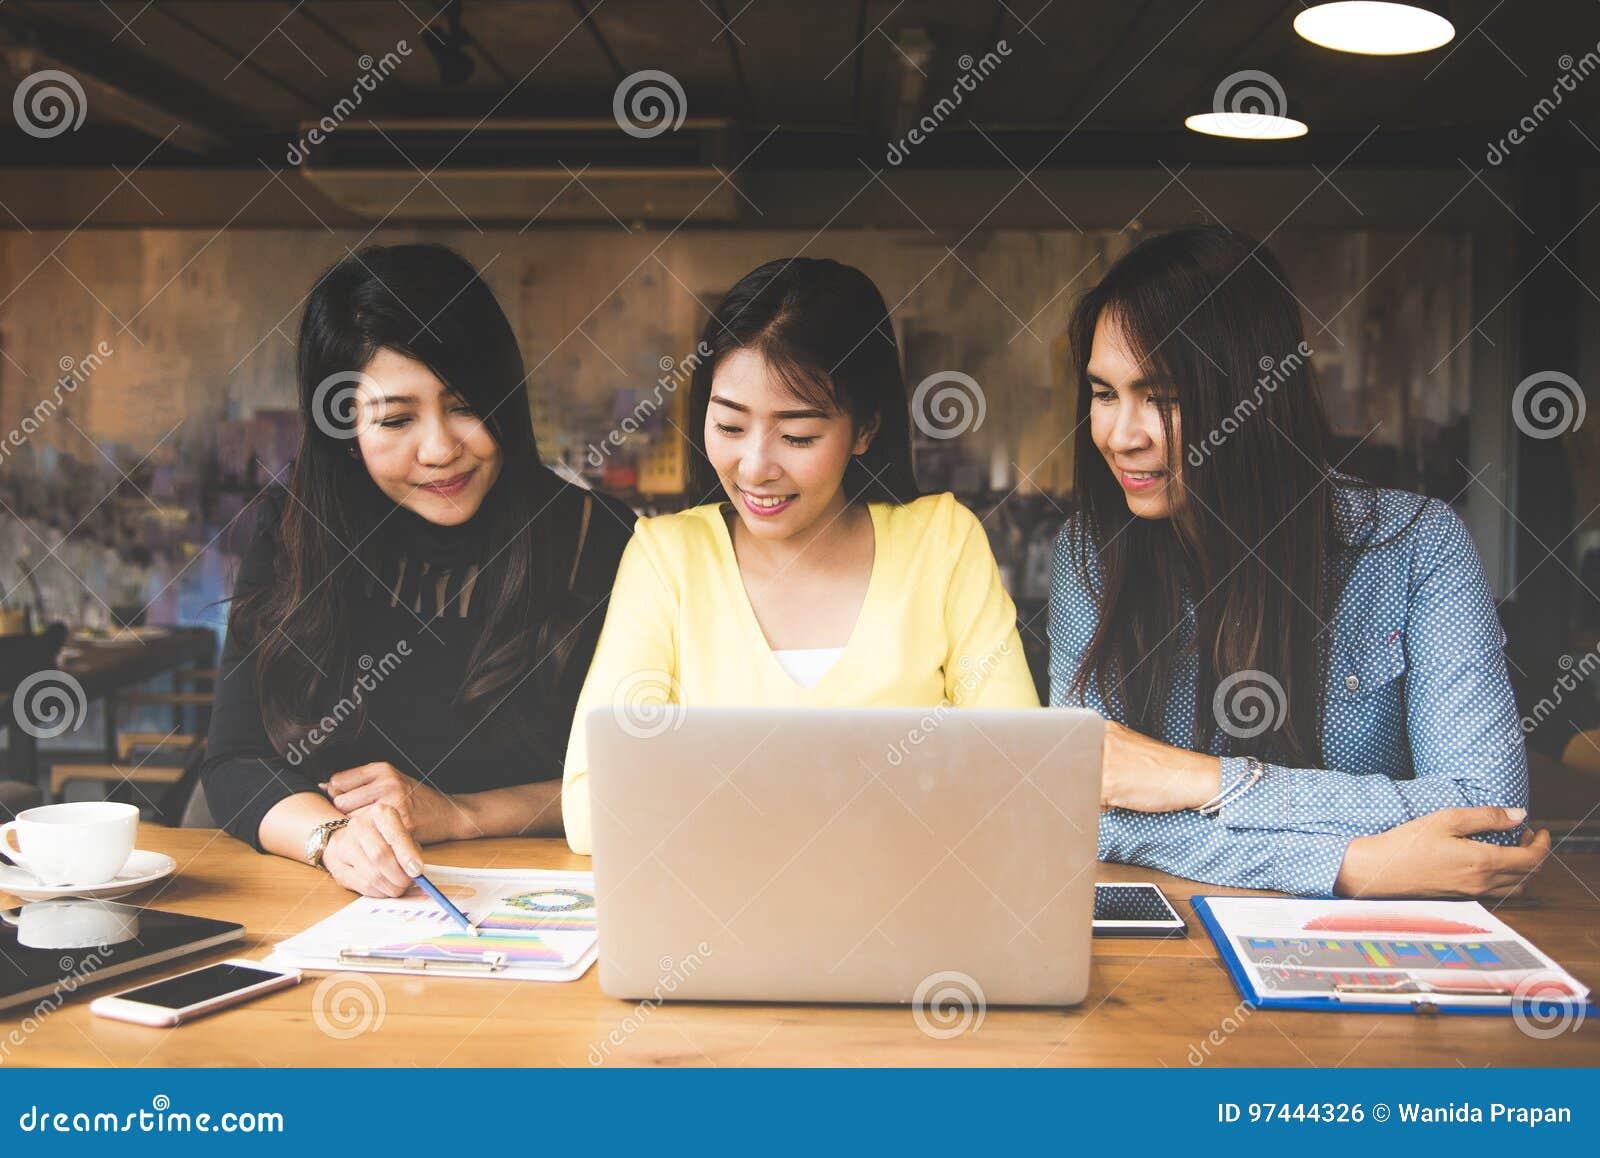 Les femmes de l Asie d affaires partners discuter le graphique de financier dans l espace de travail, équipement occasionnel